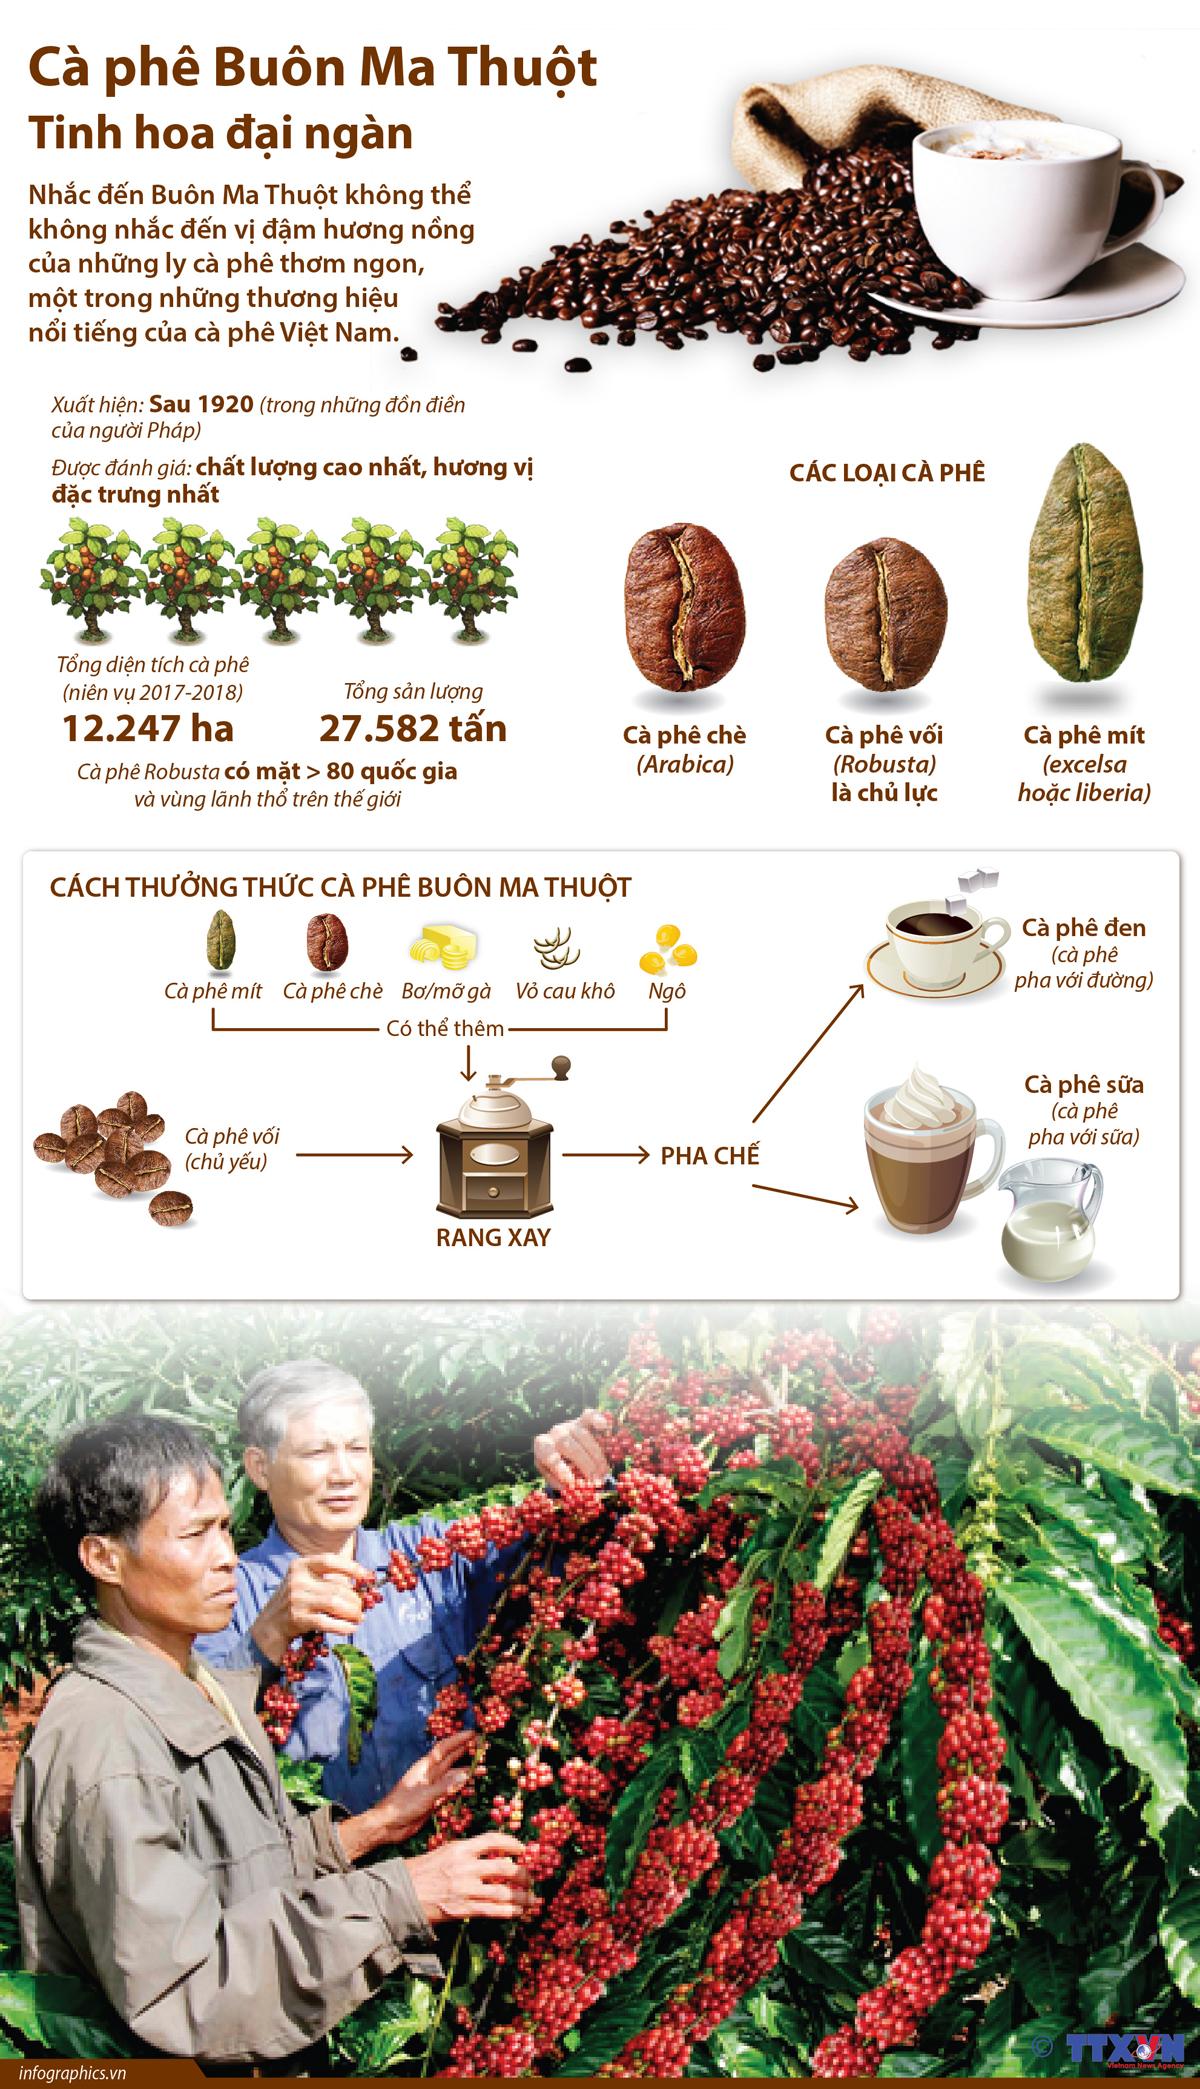 cà phê buôn ma thuột, tinh hoa đại ngàn, Đắk Lắk, thương hiệu, lễ hội